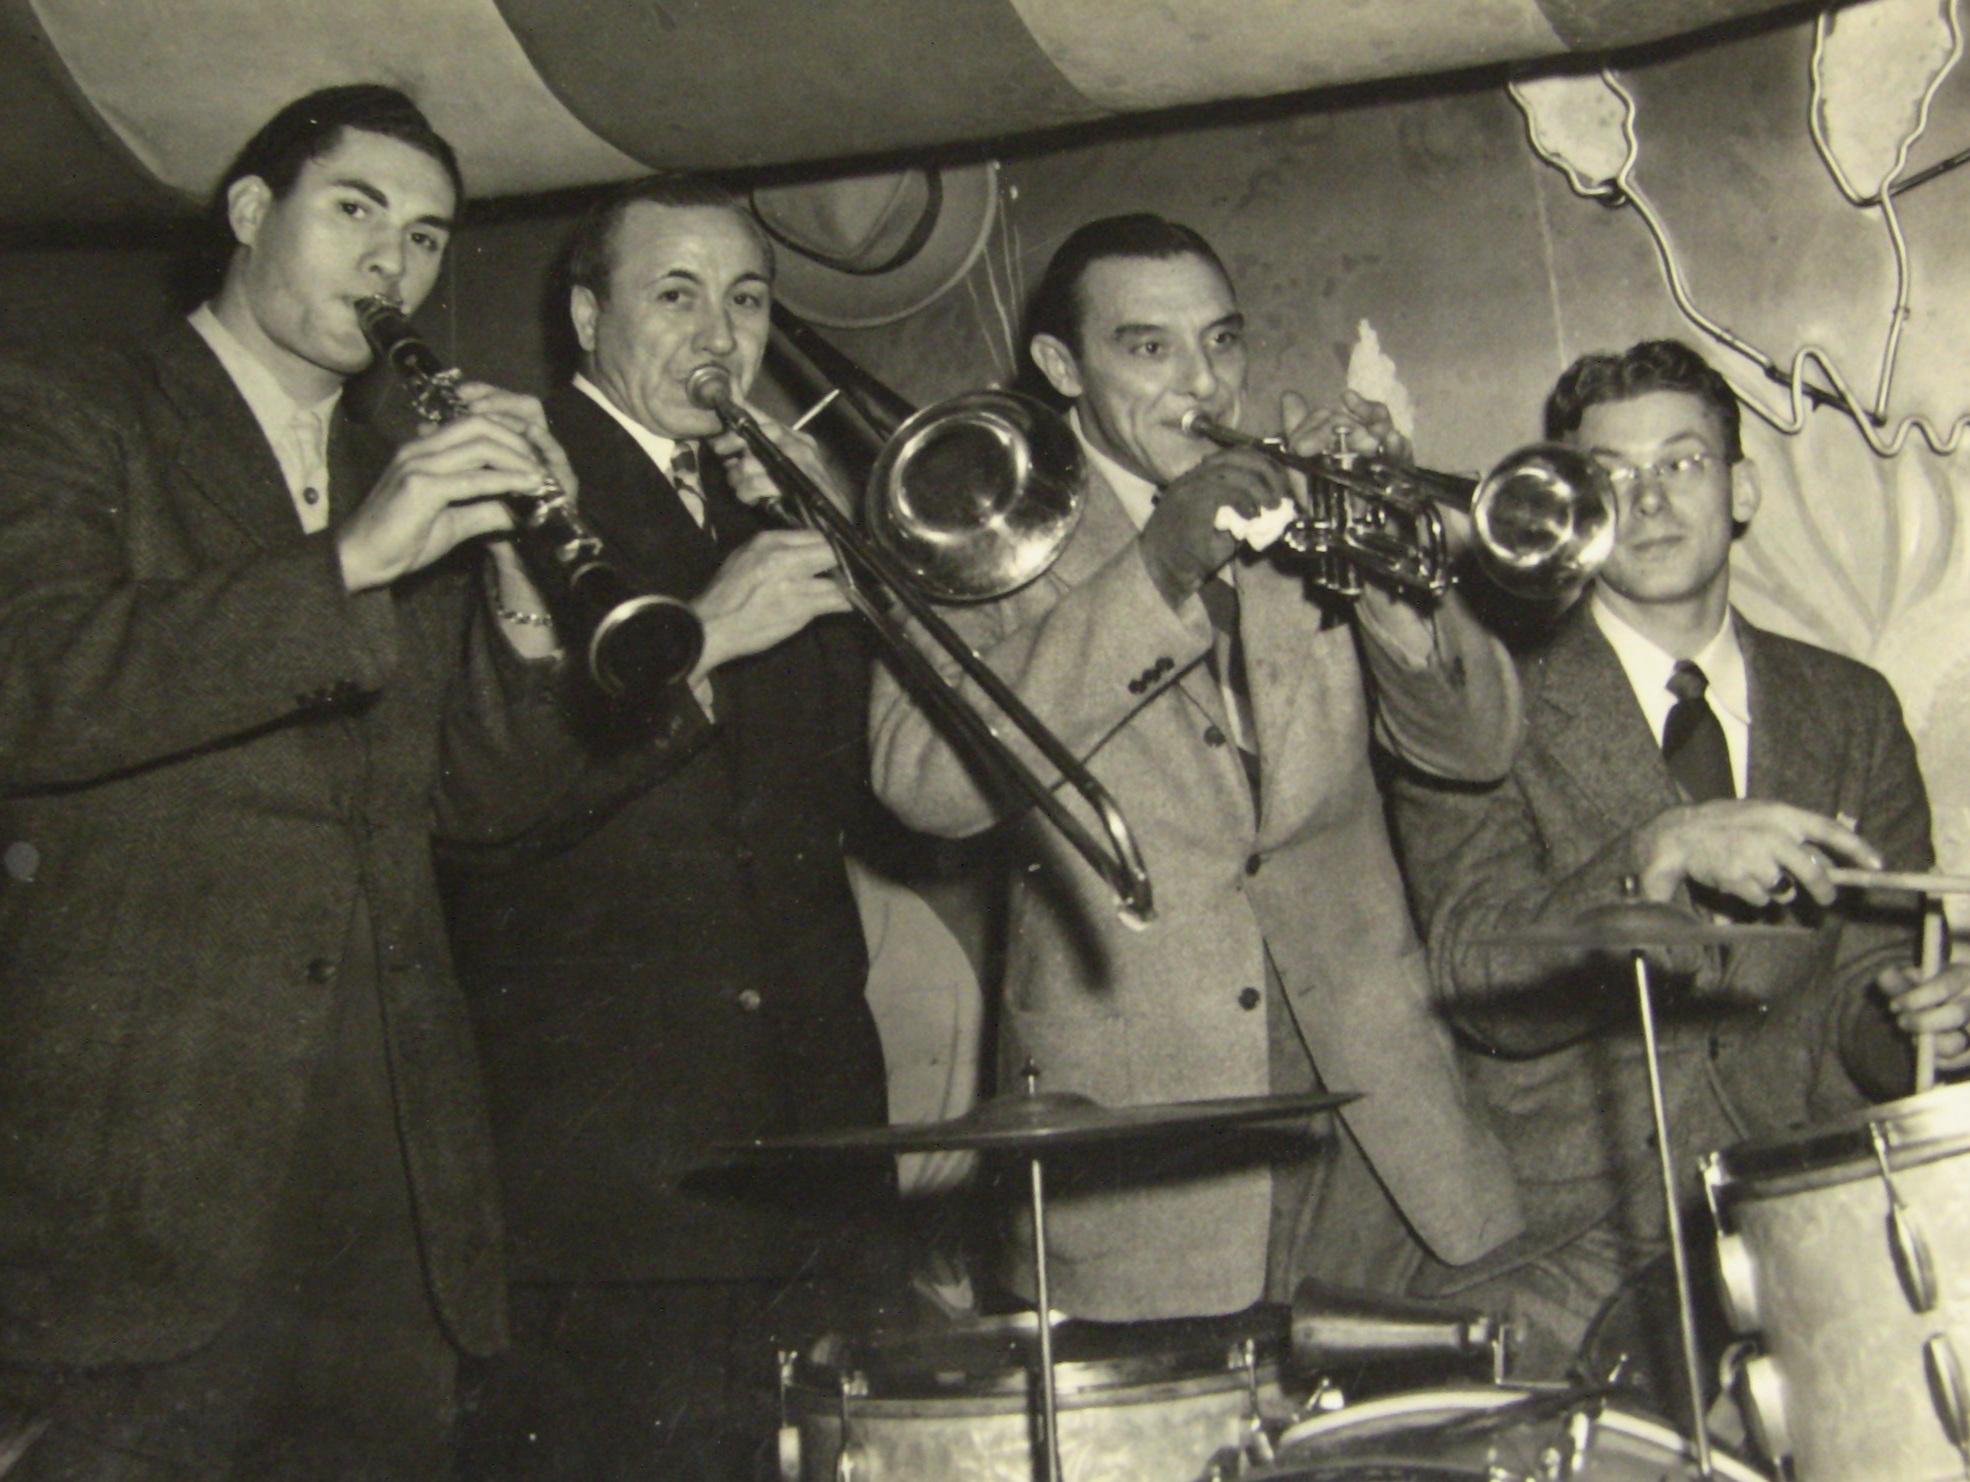 Michael Costa, Clarinet (far left)